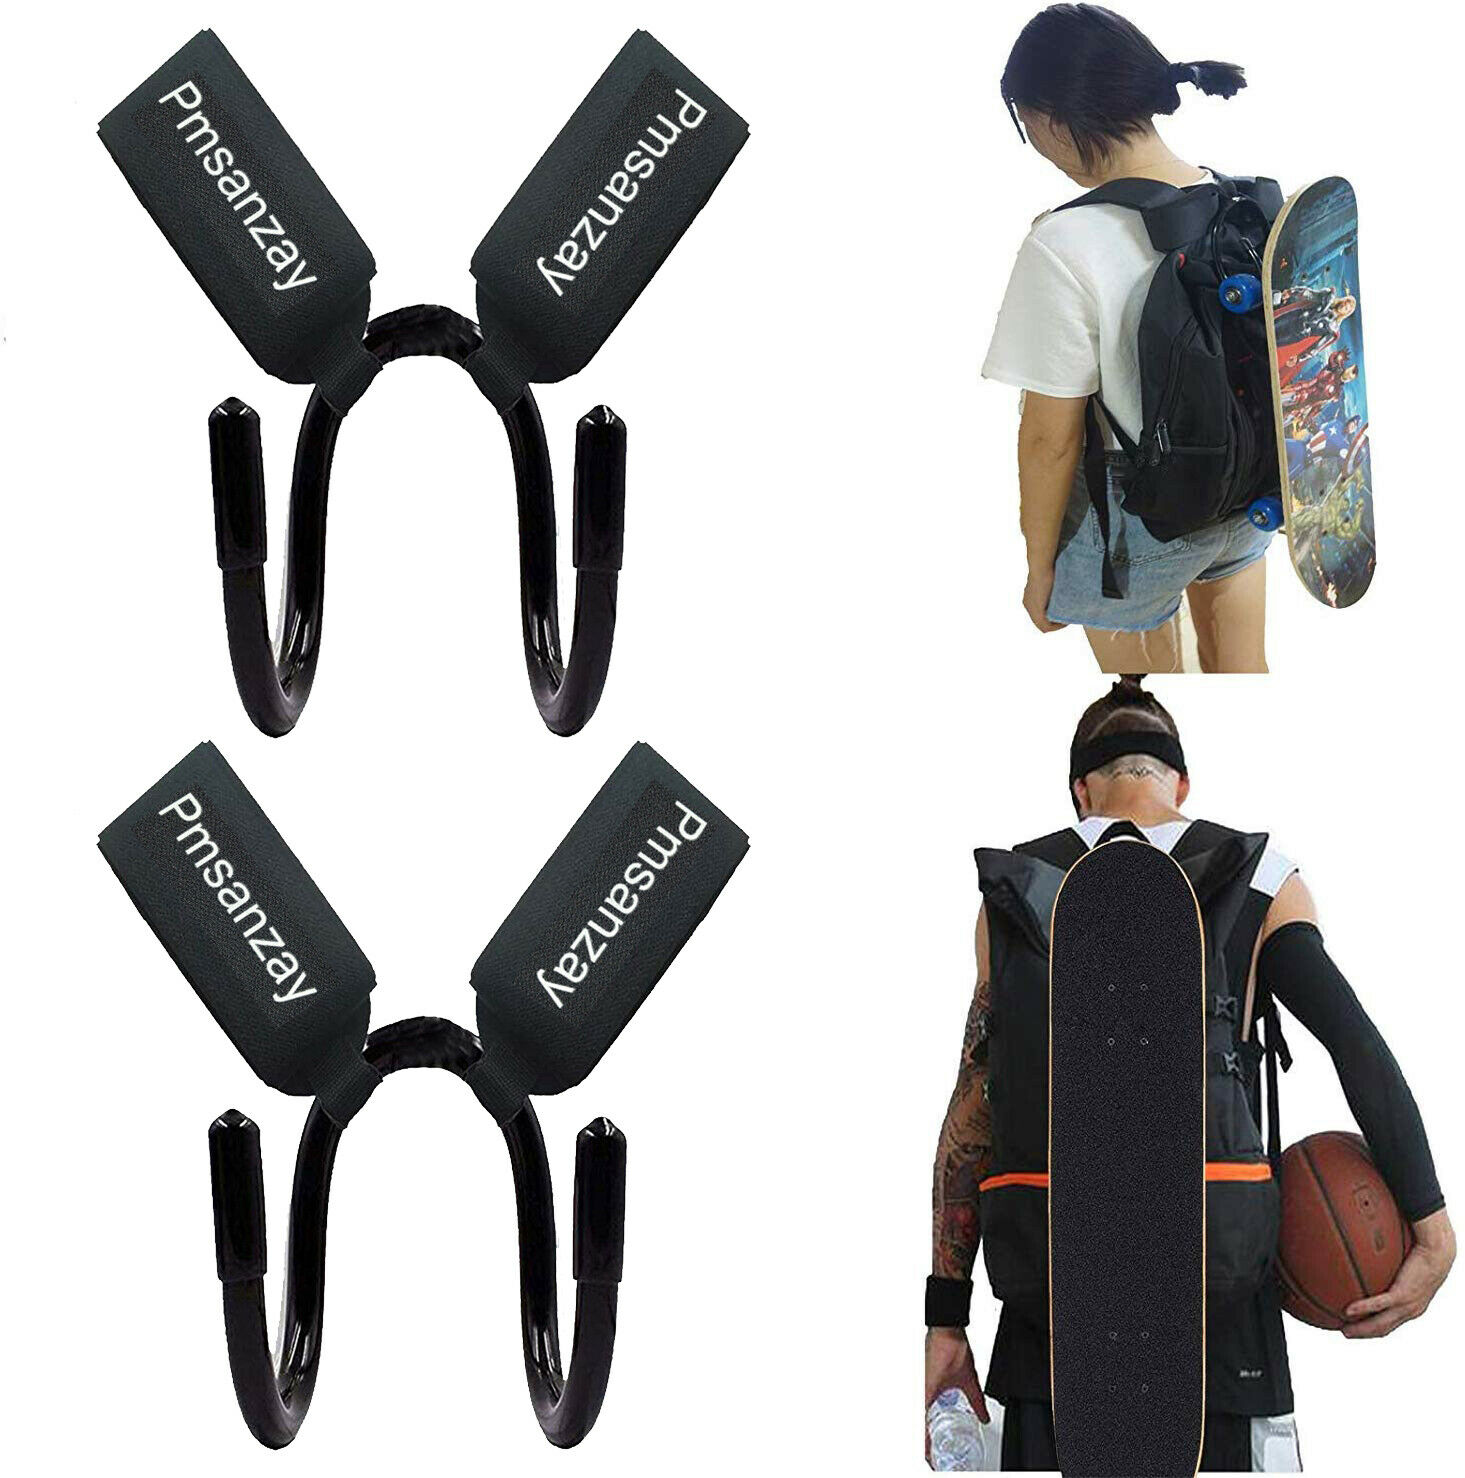 Deck hook for skateboard